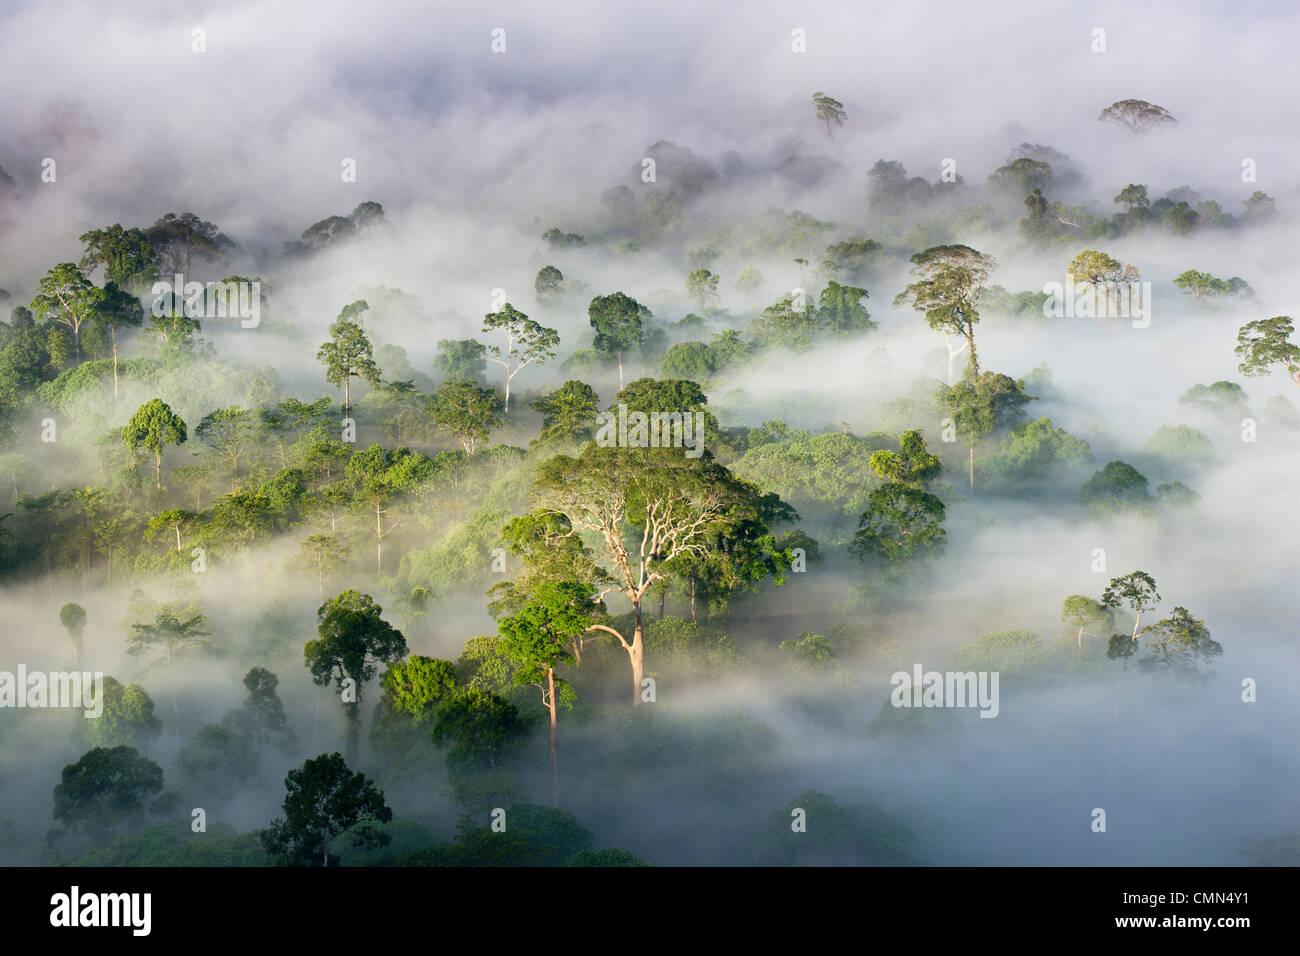 La nebbia e basse nubi appesa sopra Lowland Dipterocarp foresta pluviale, poco dopo l'alba. Cuore di Danum Valley, Immagini Stock